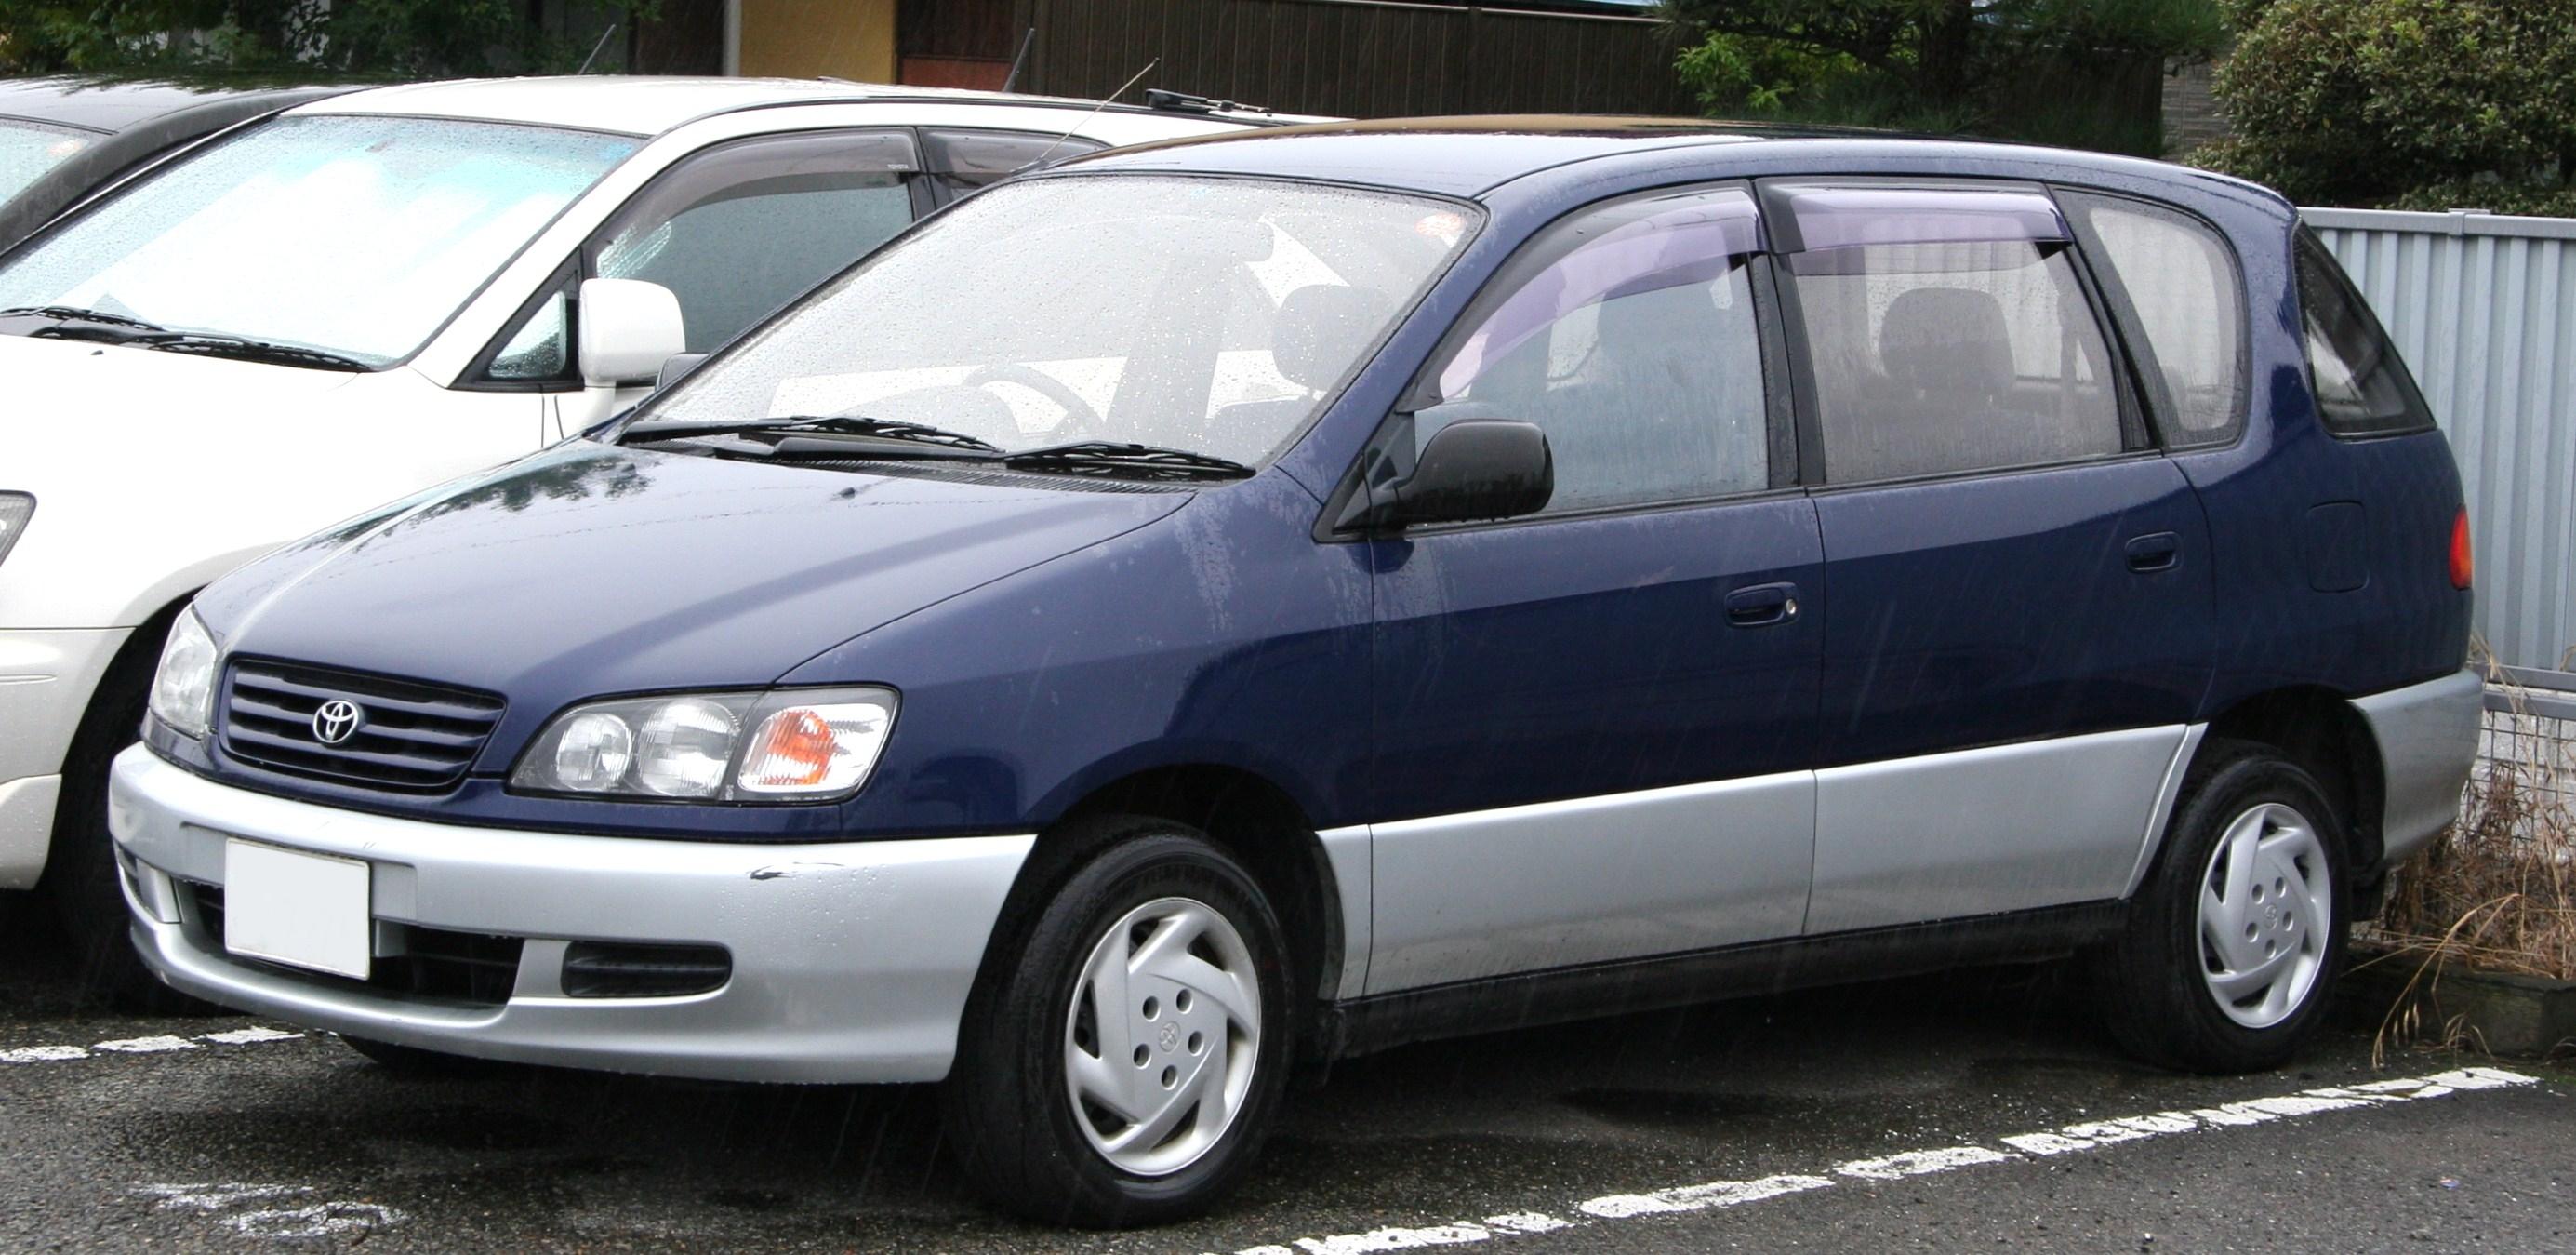 Toyota Picnic II 2001 - 2009 Compact MPV #4